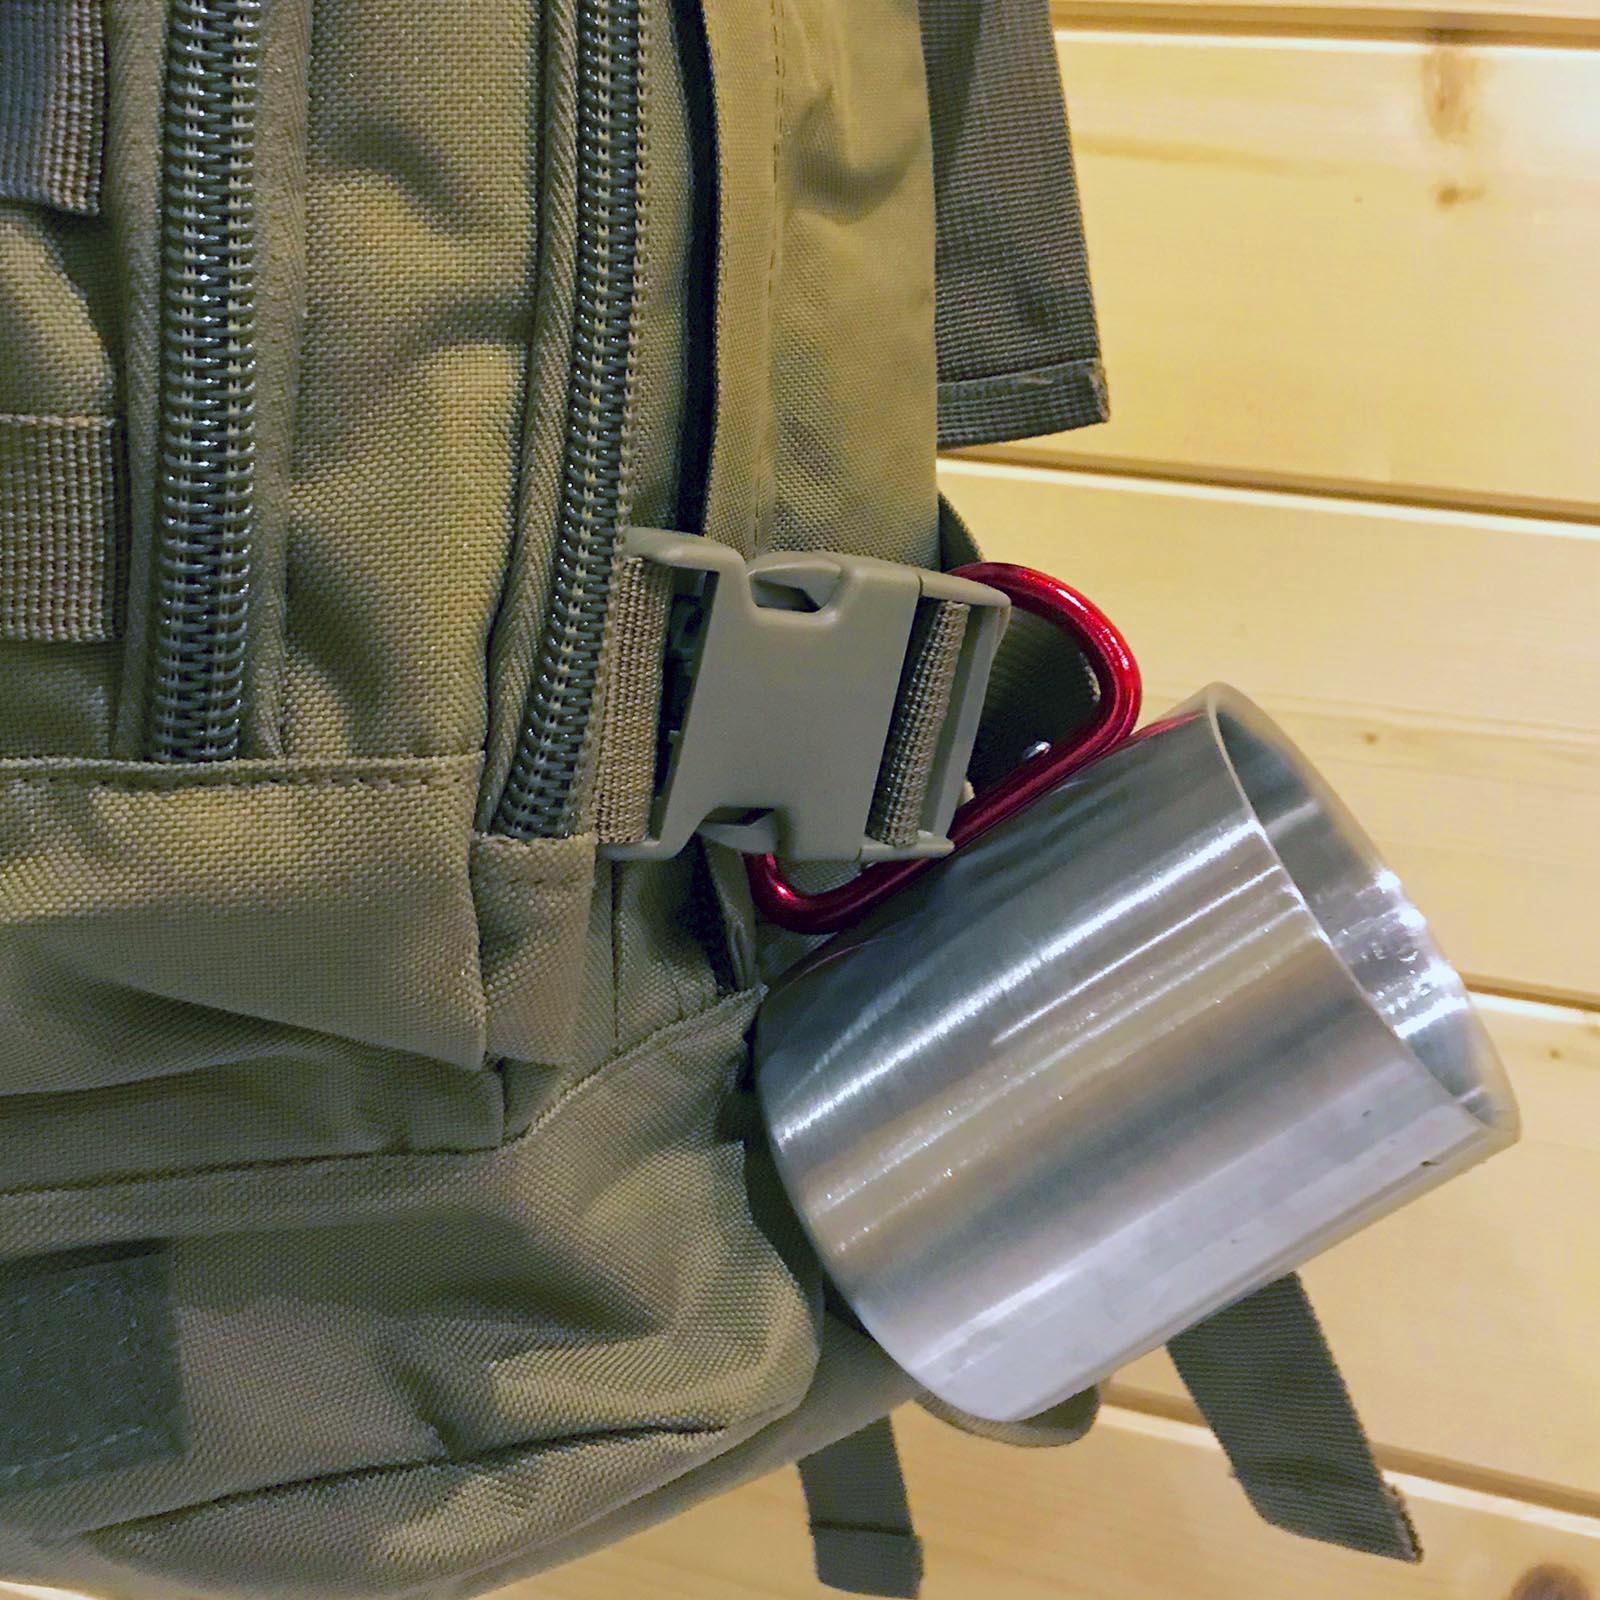 Армейская кружка-карабин для тревожного чемоданчика военных и гражданских.